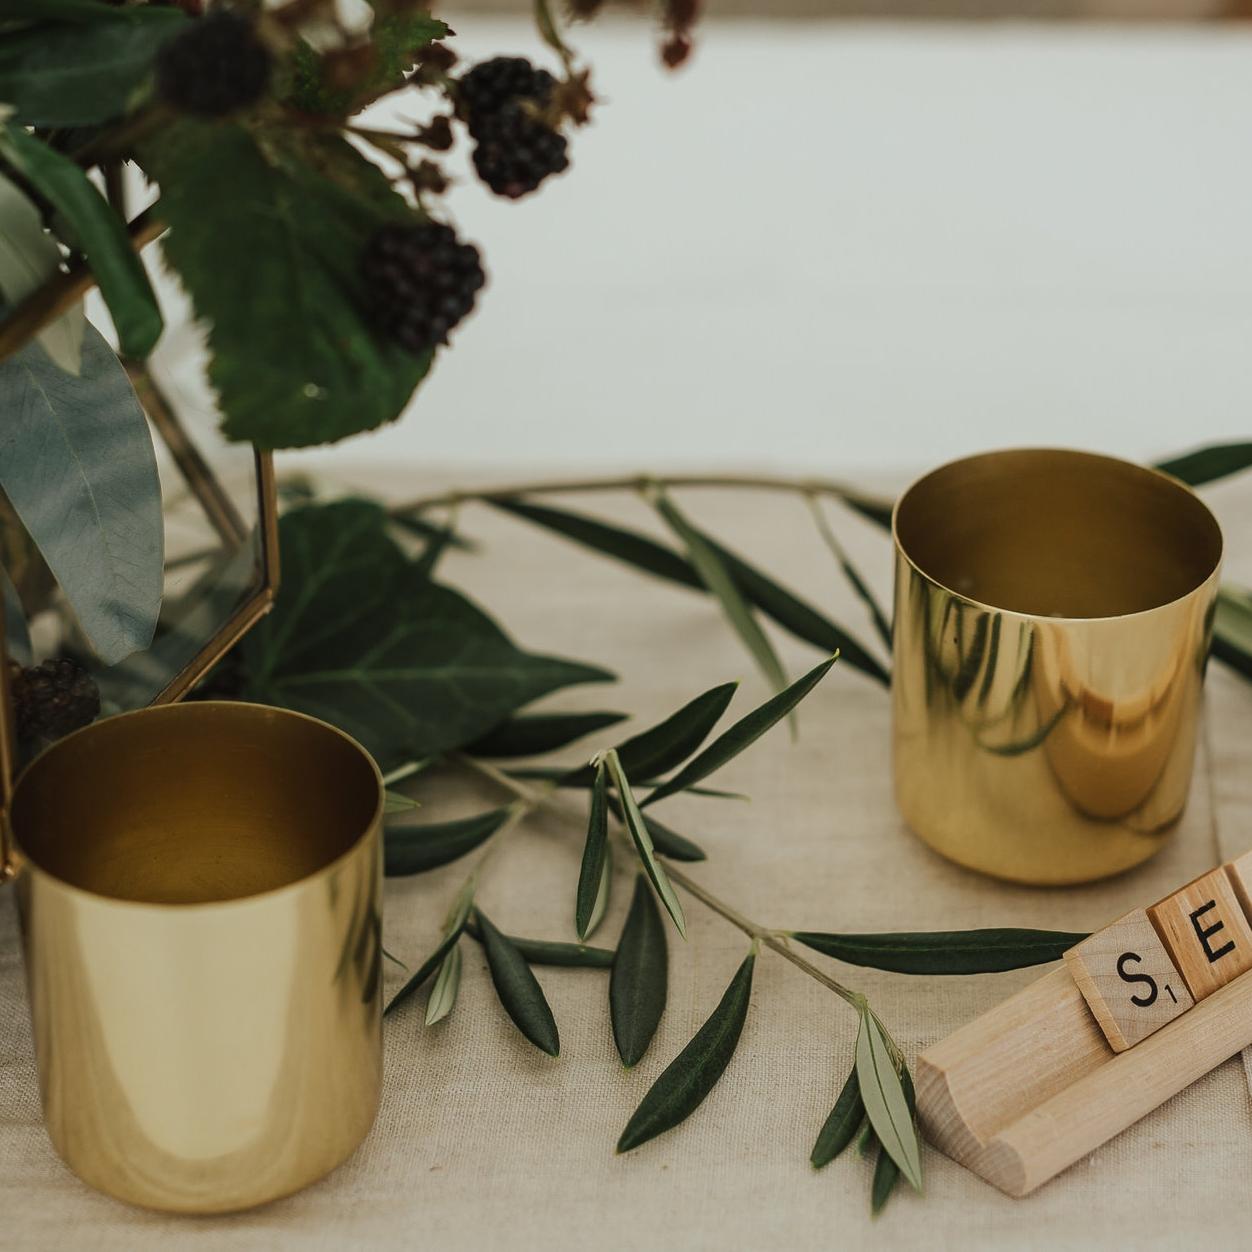 Gold/Brass Tealights